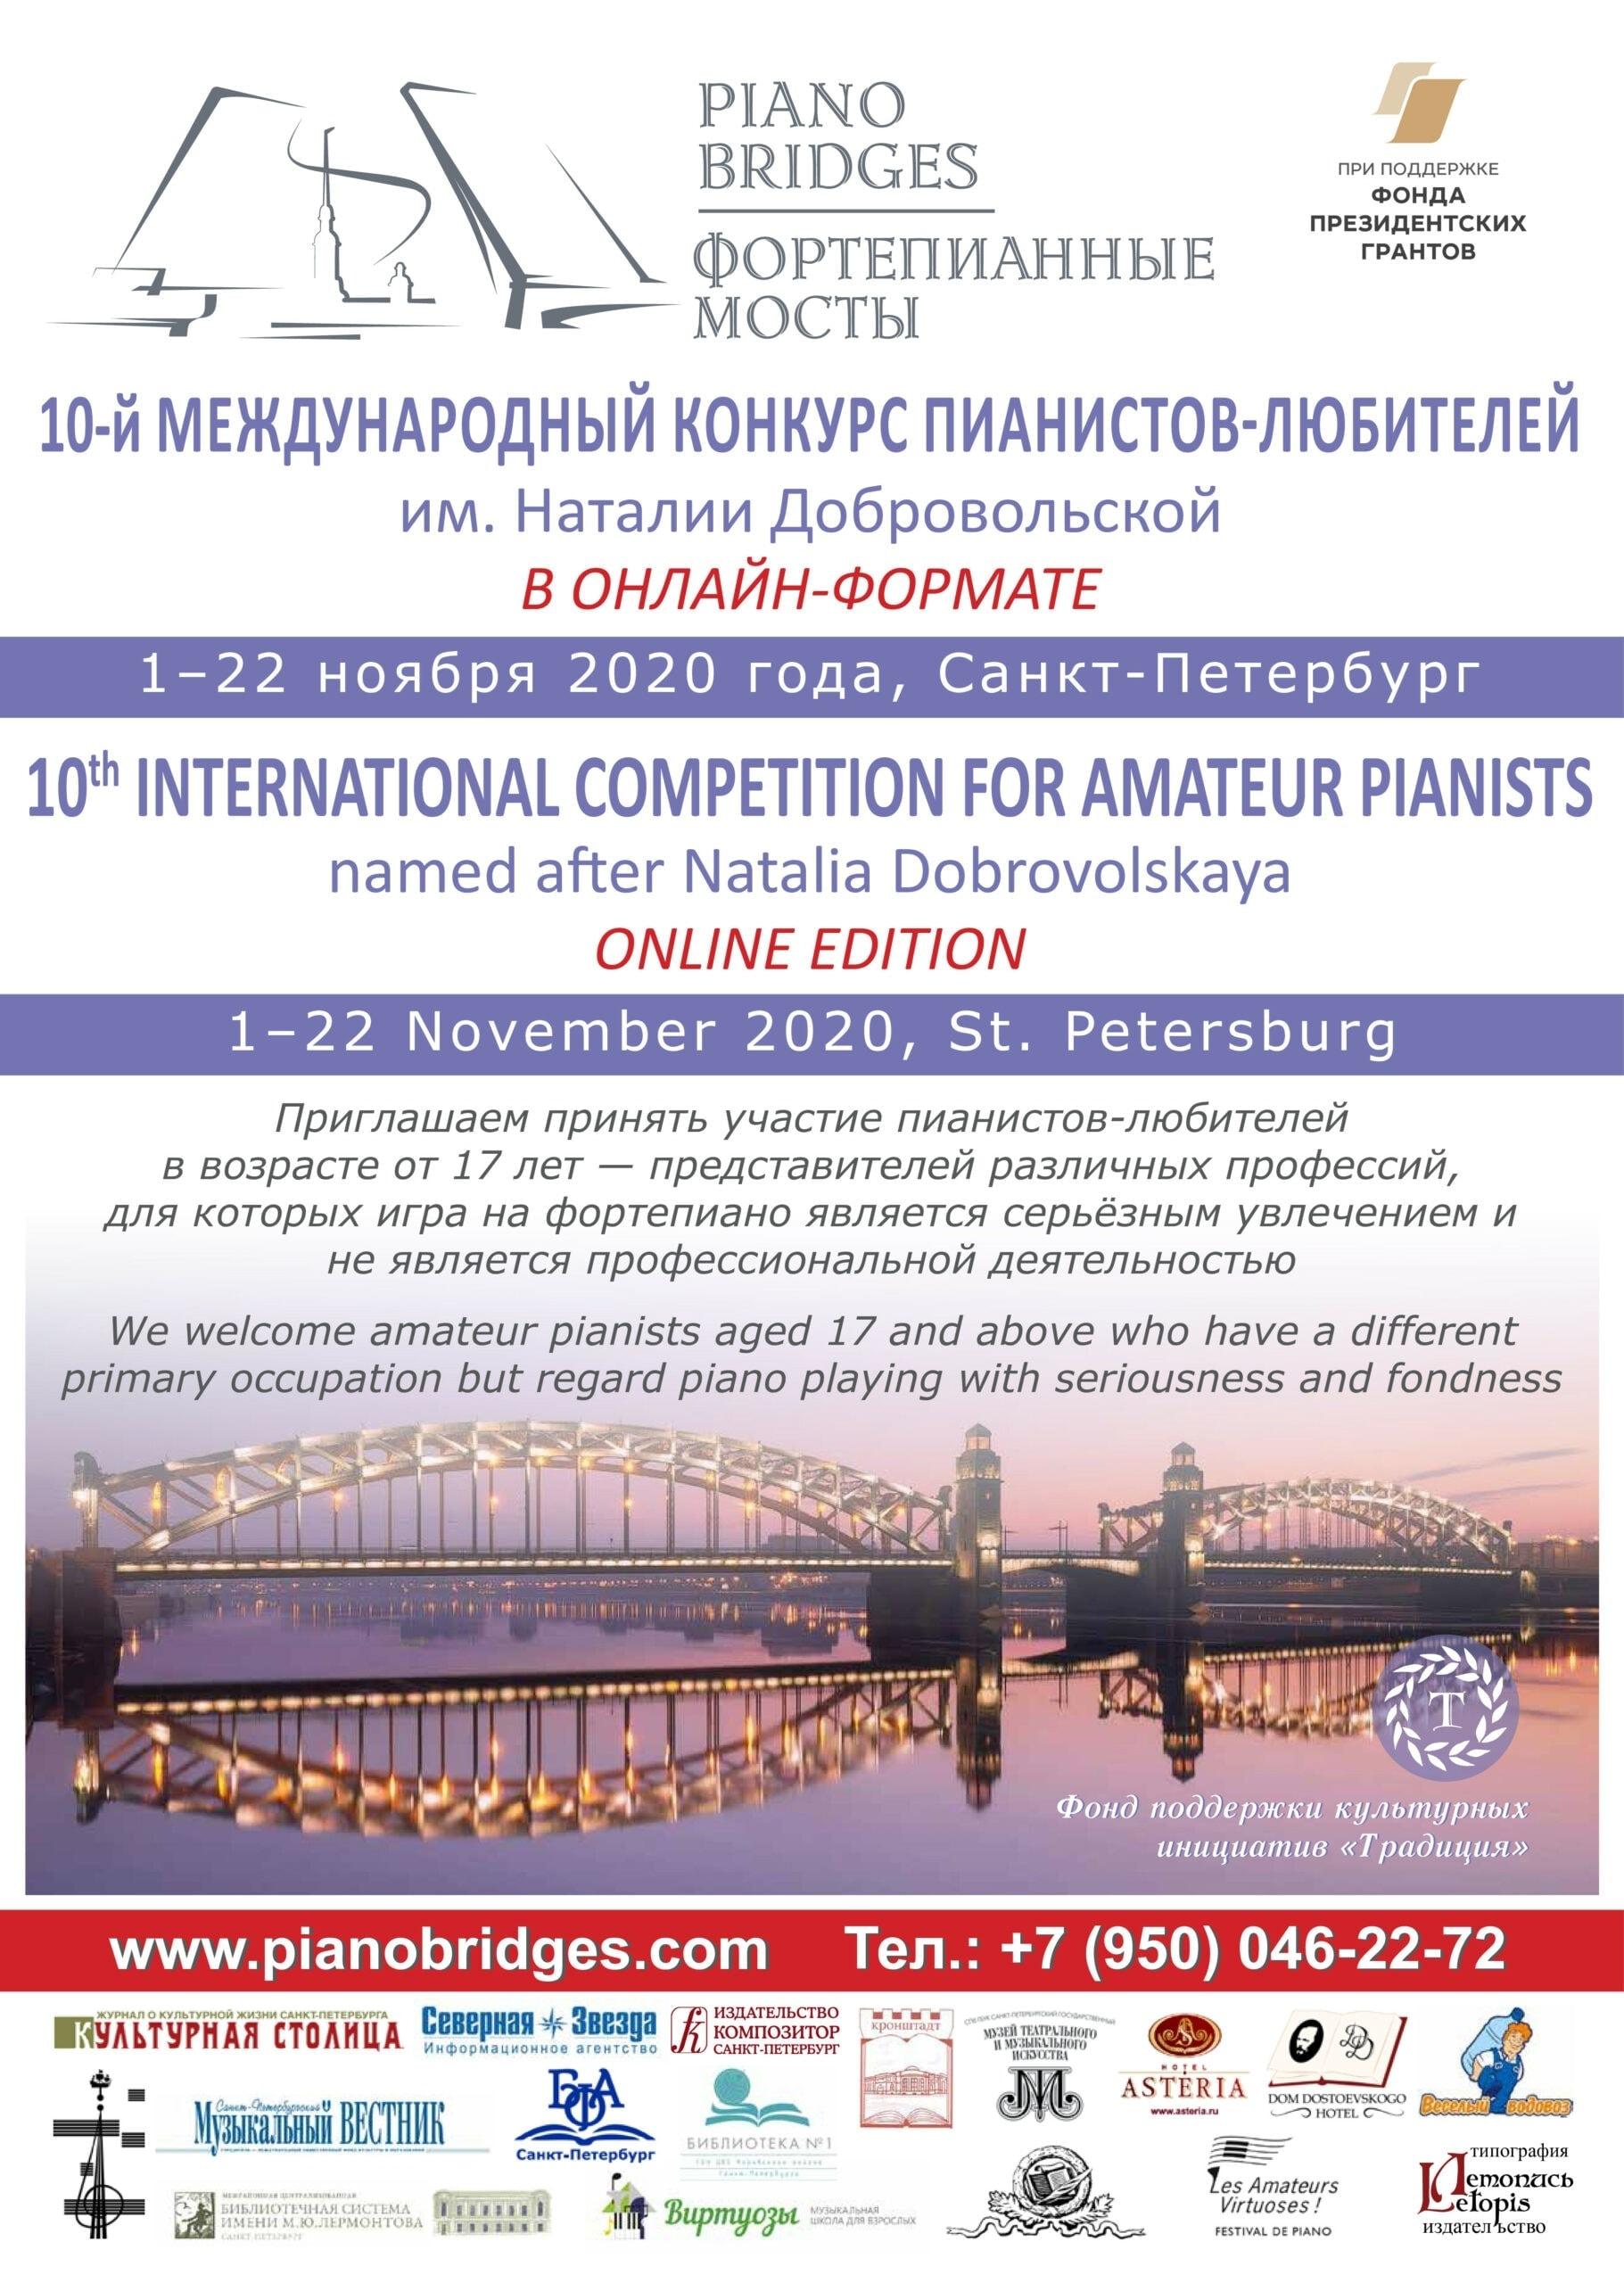 «Фортепианные мосты» – международный конкурс пианистов-любителей